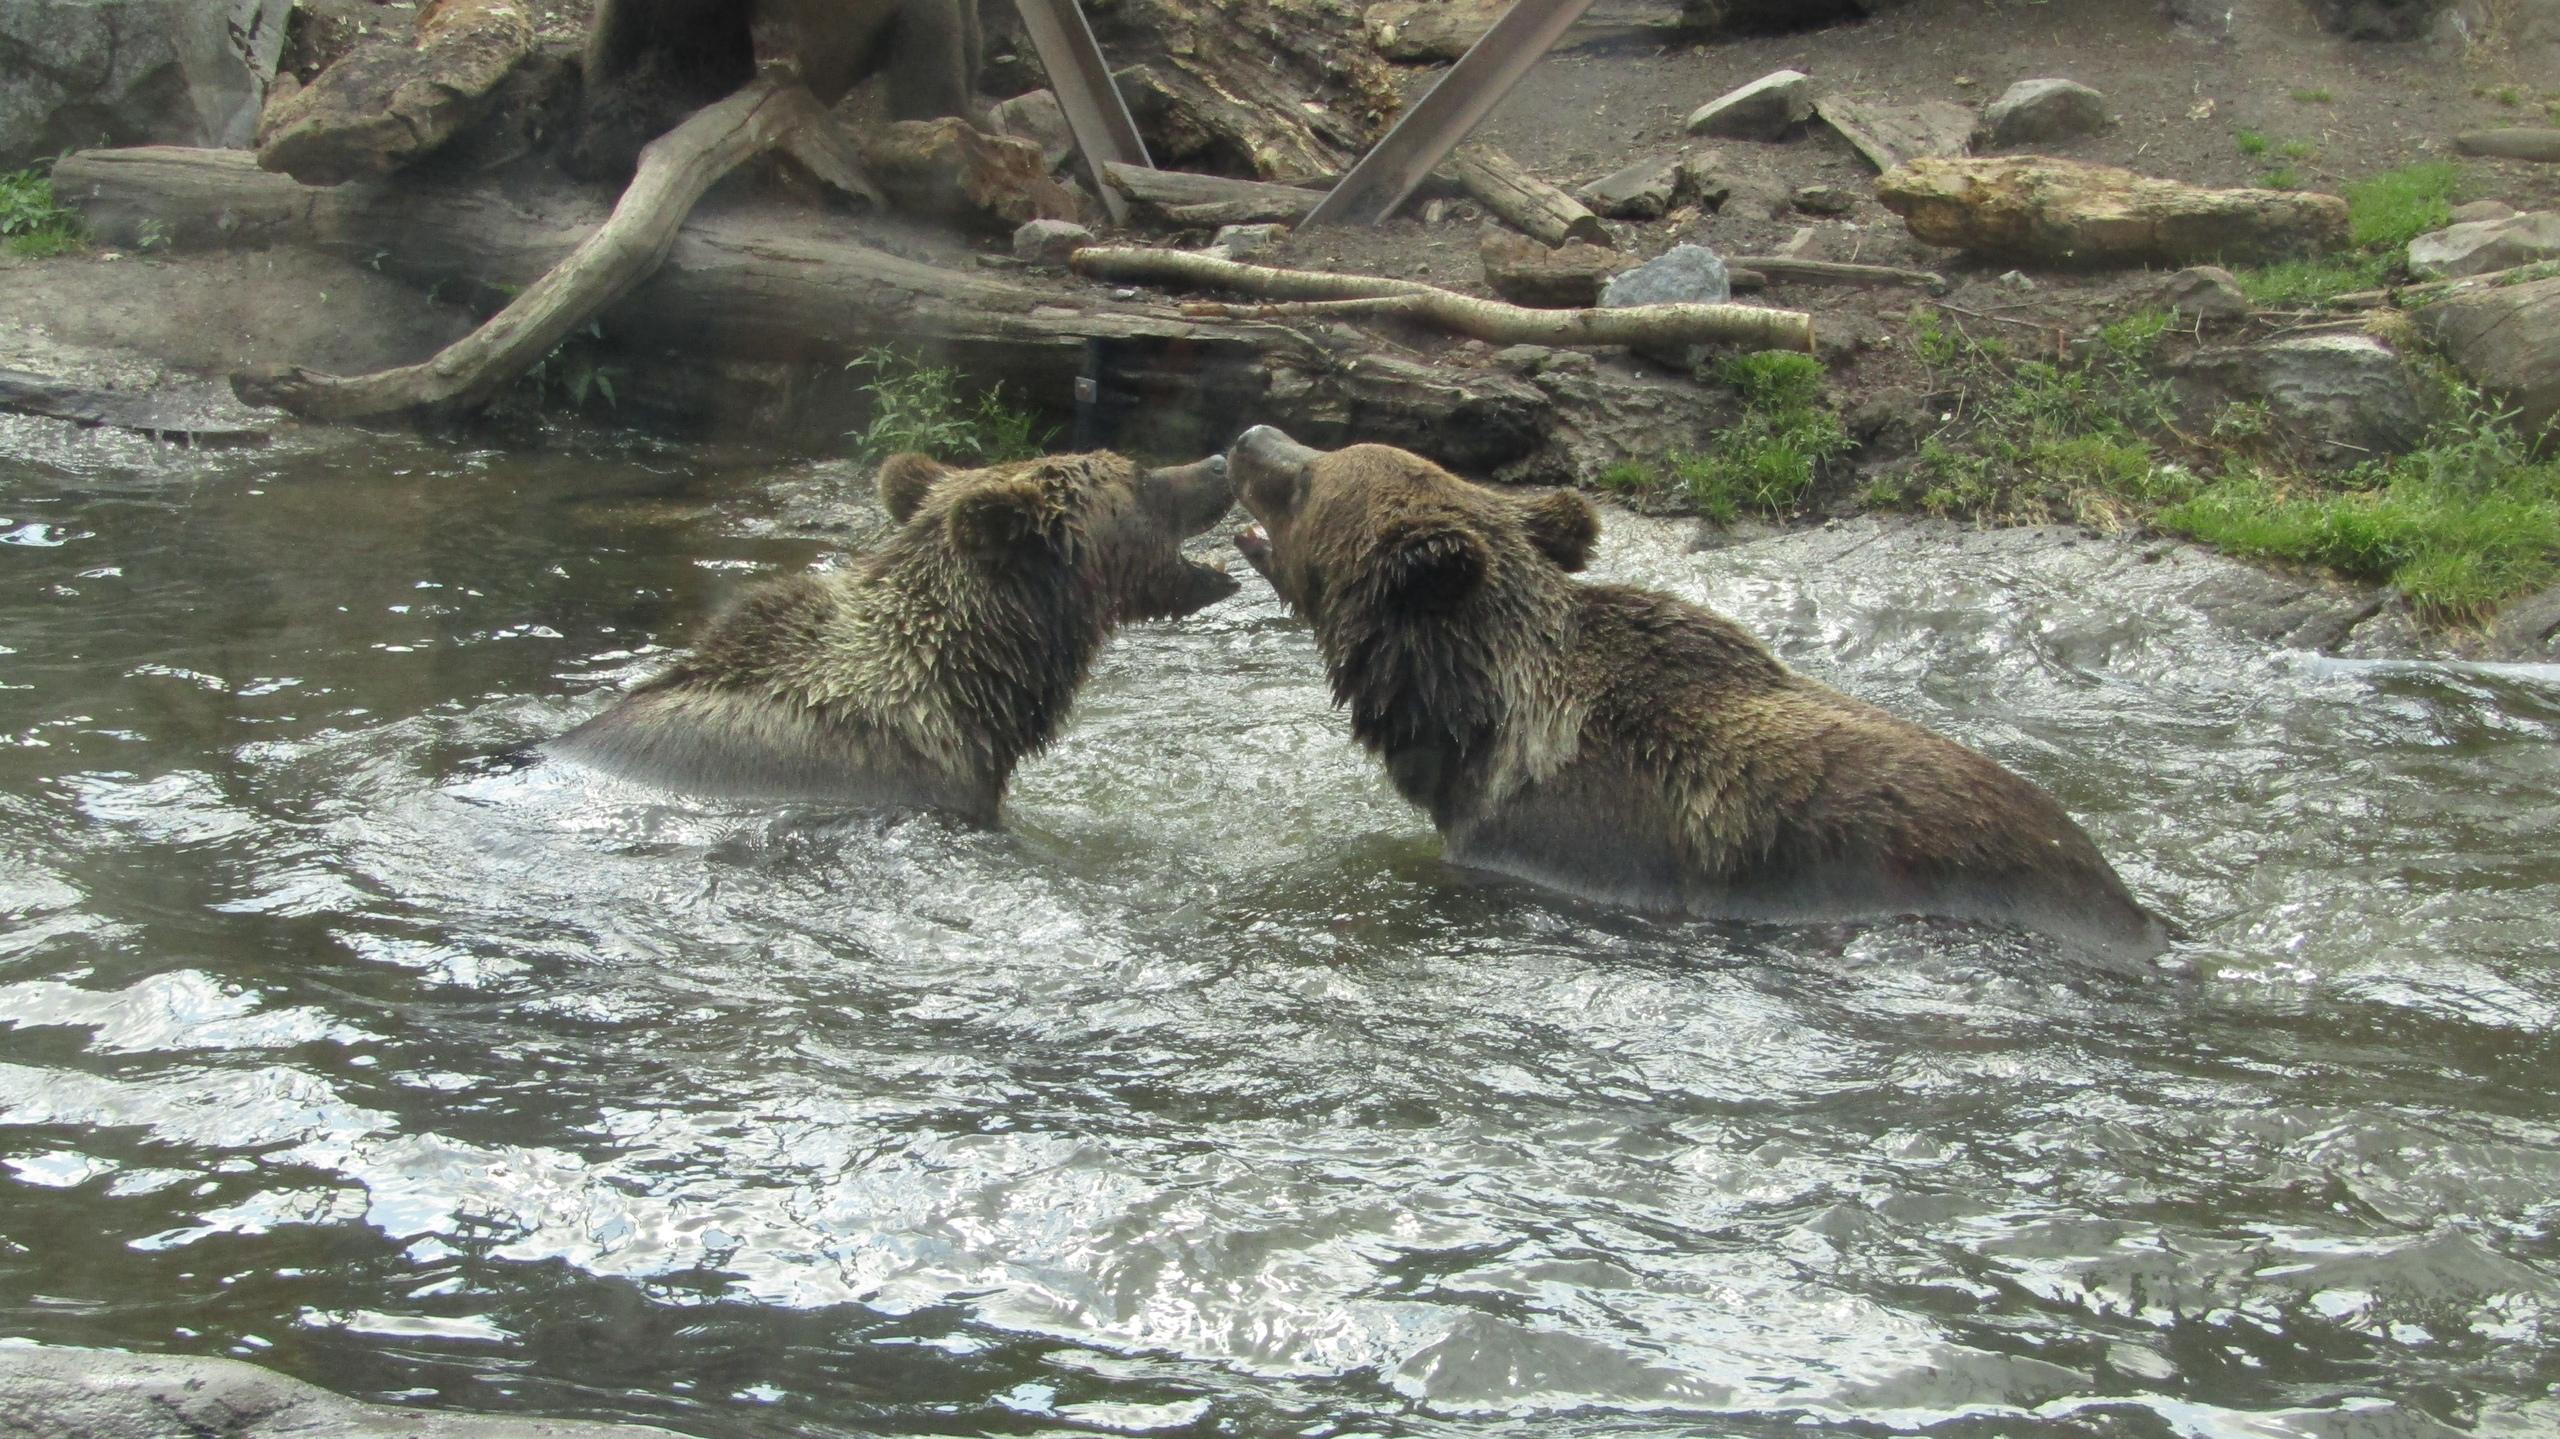 Завершая звериную тему: зоопарк в Скансене